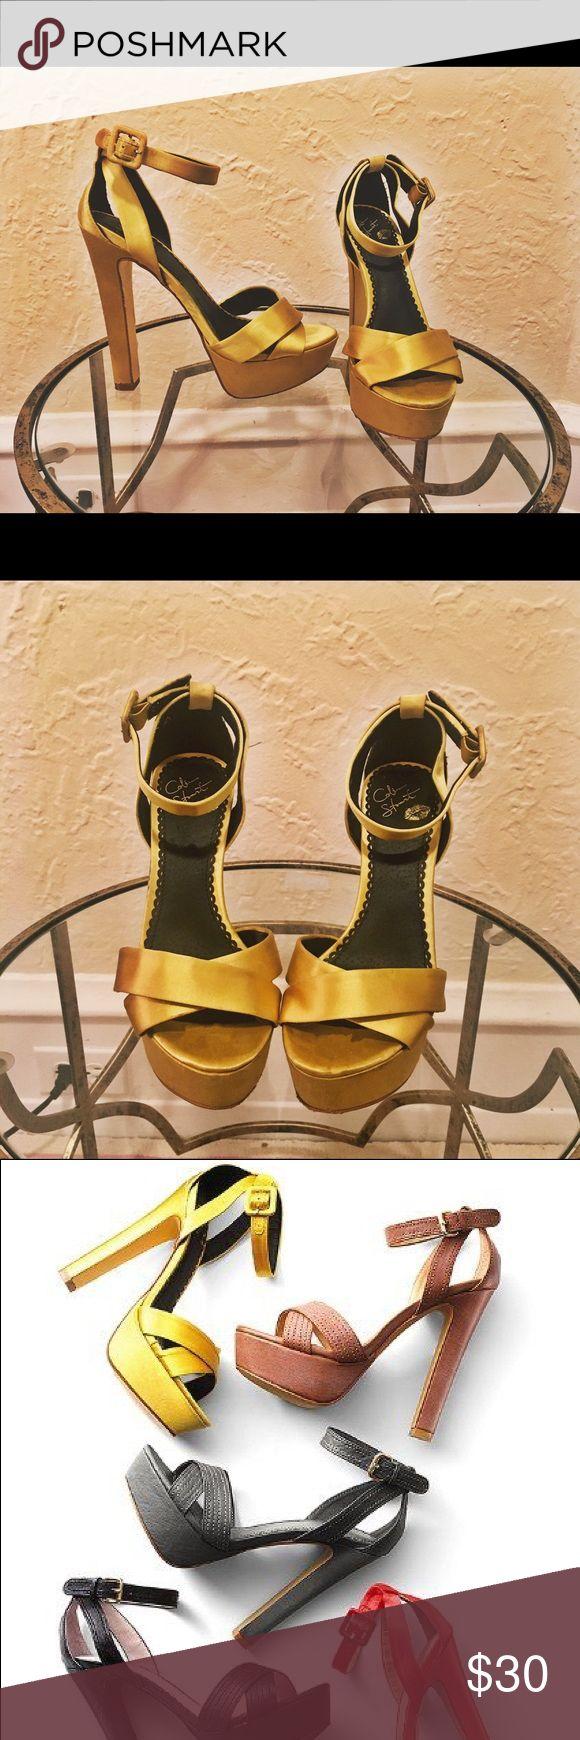 Colin Stuart Limited Edition City Sandal Gold/Yellow Silk. Black inside. High platform. Ankle strap. Surprisingly comfortable. Limited edition Colin Stuart/Victoria's Secrete. Colin Stuart Shoes Platforms